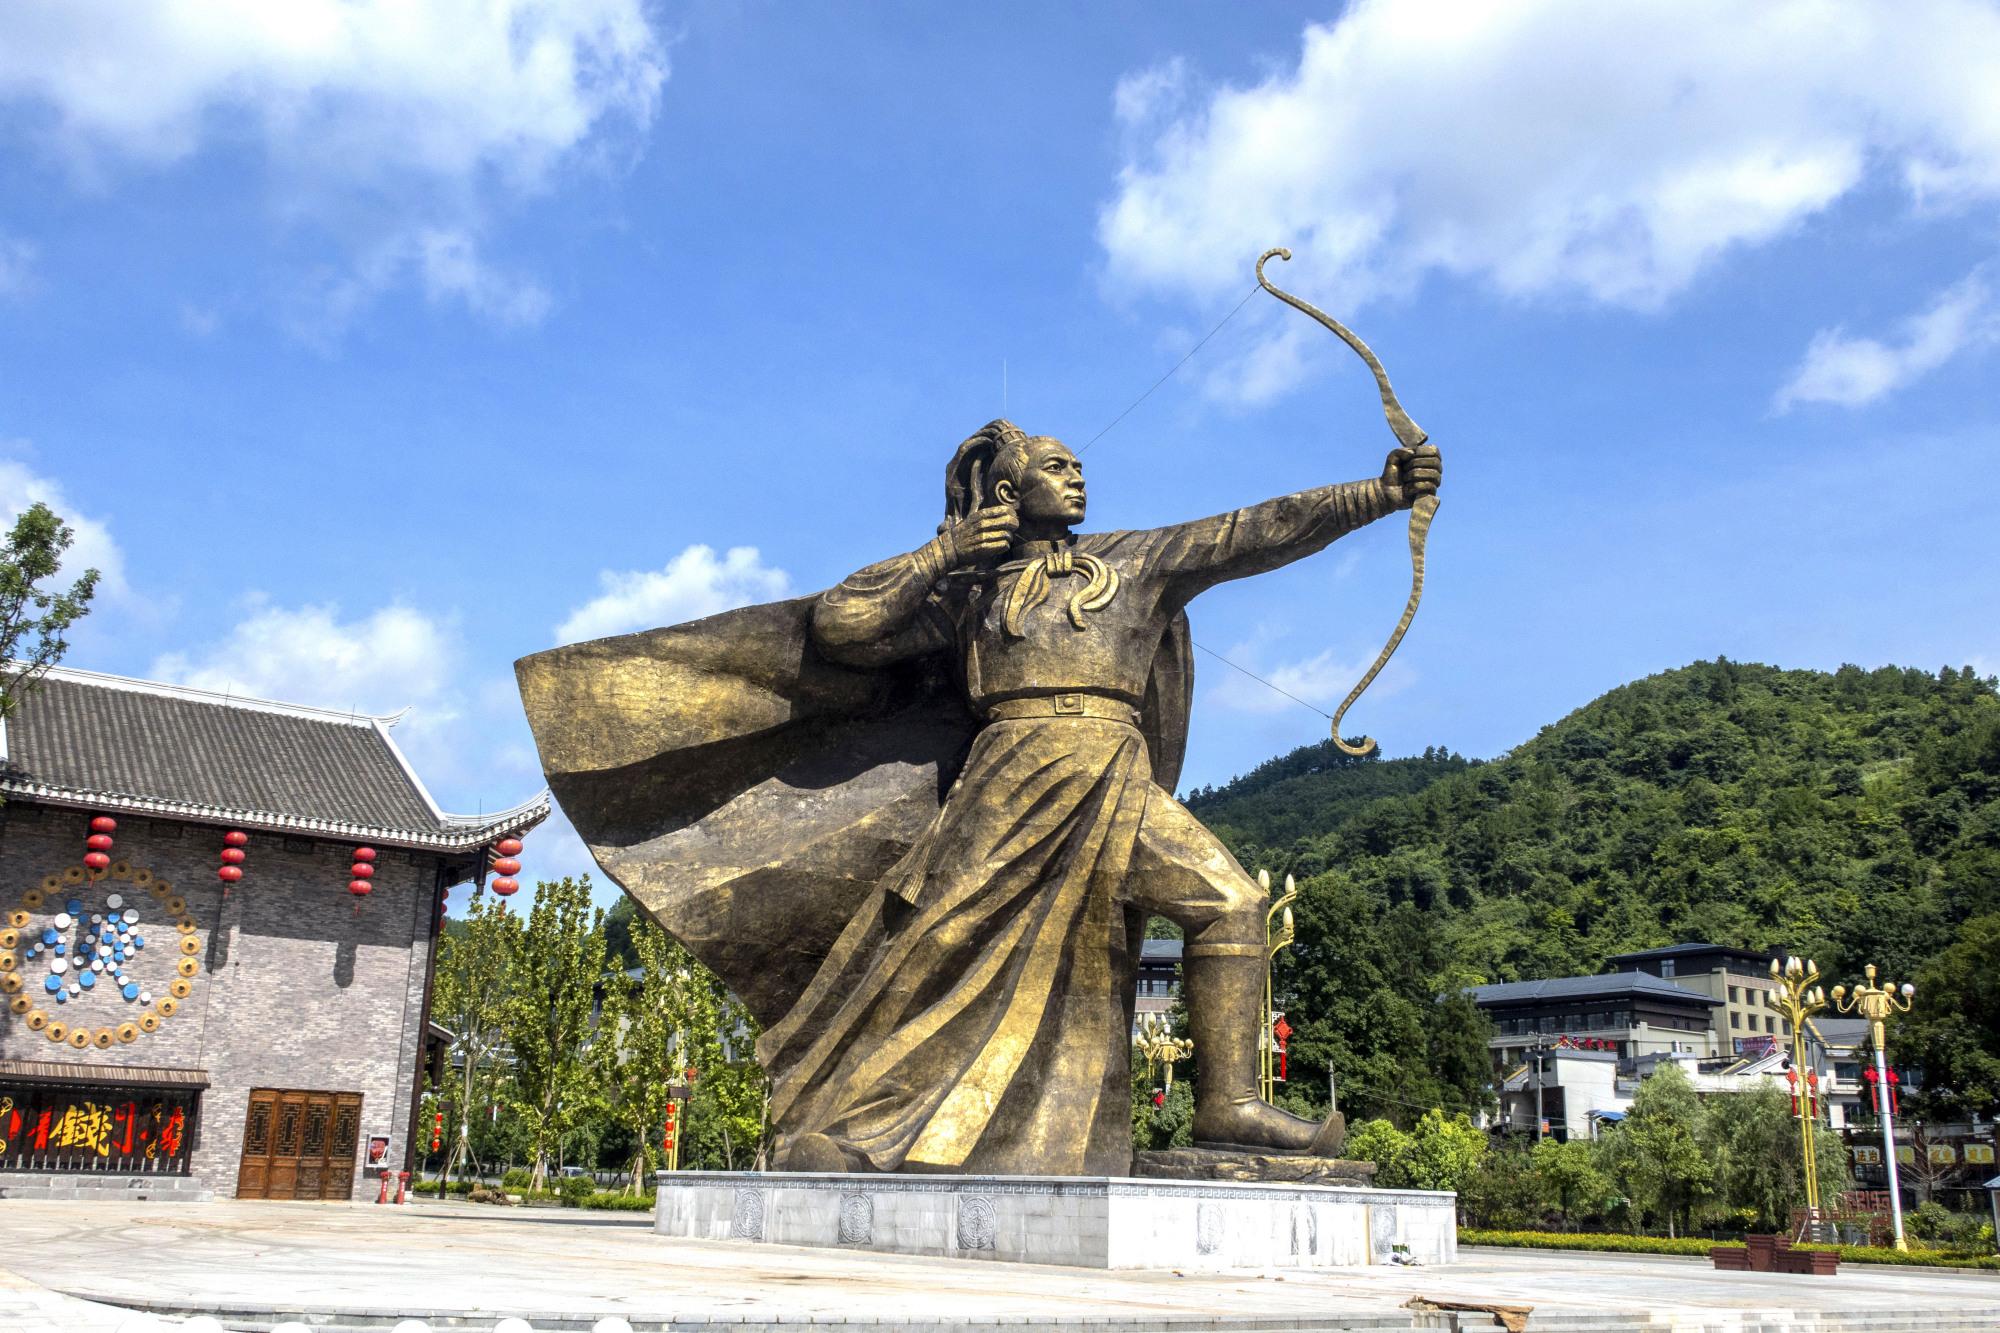 龙里龙门镇武侠文化旅游小镇:后羿雕塑像